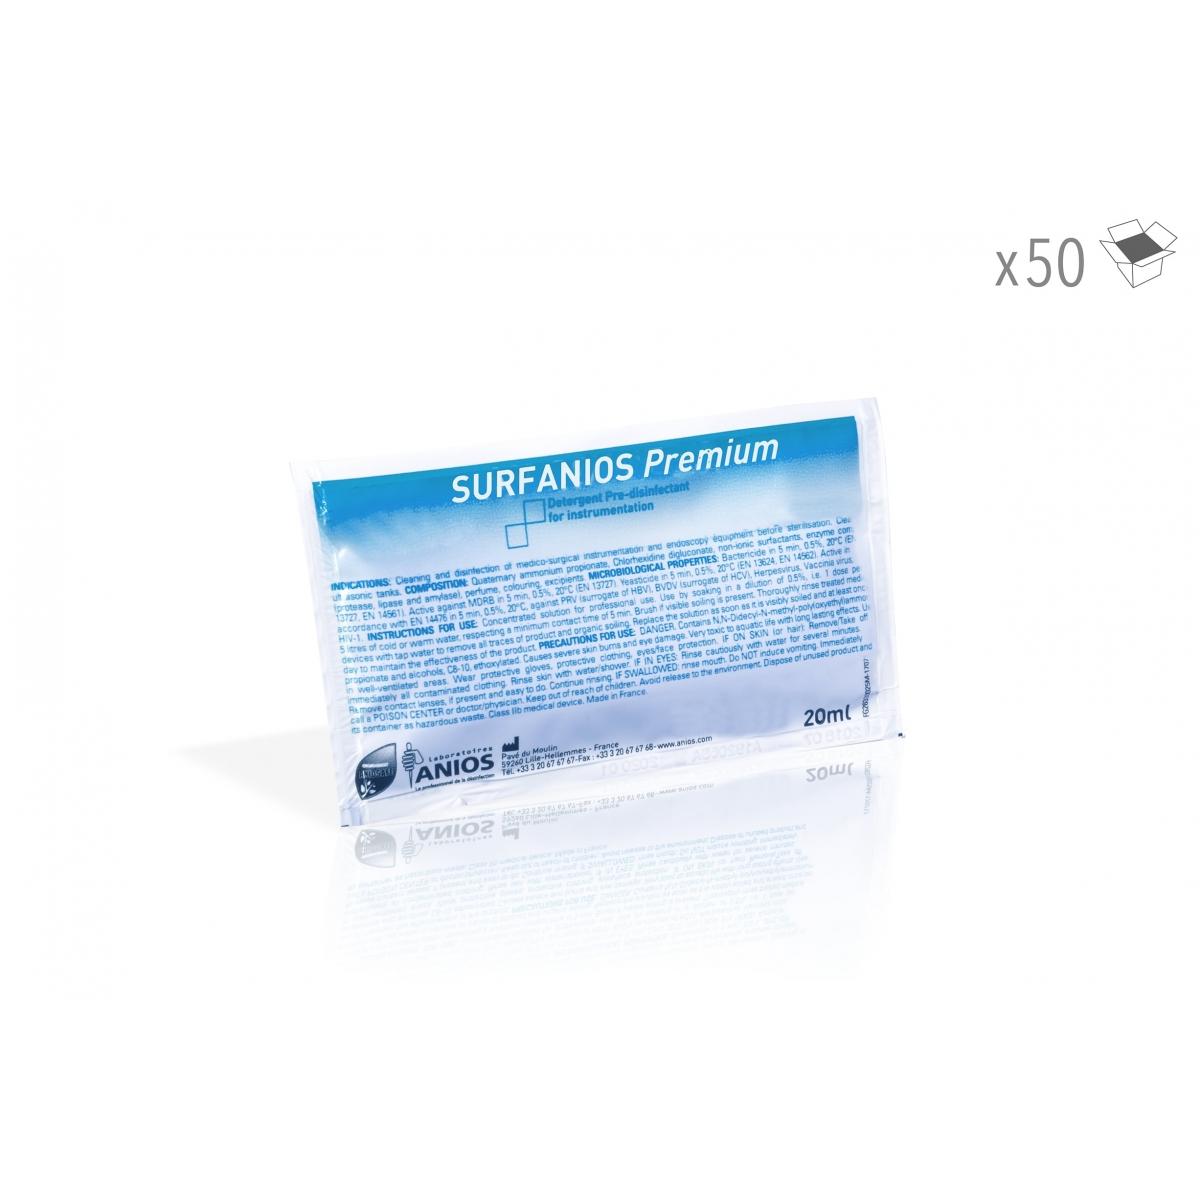 SURFANIOS PREMIUM 25 ml (x50)